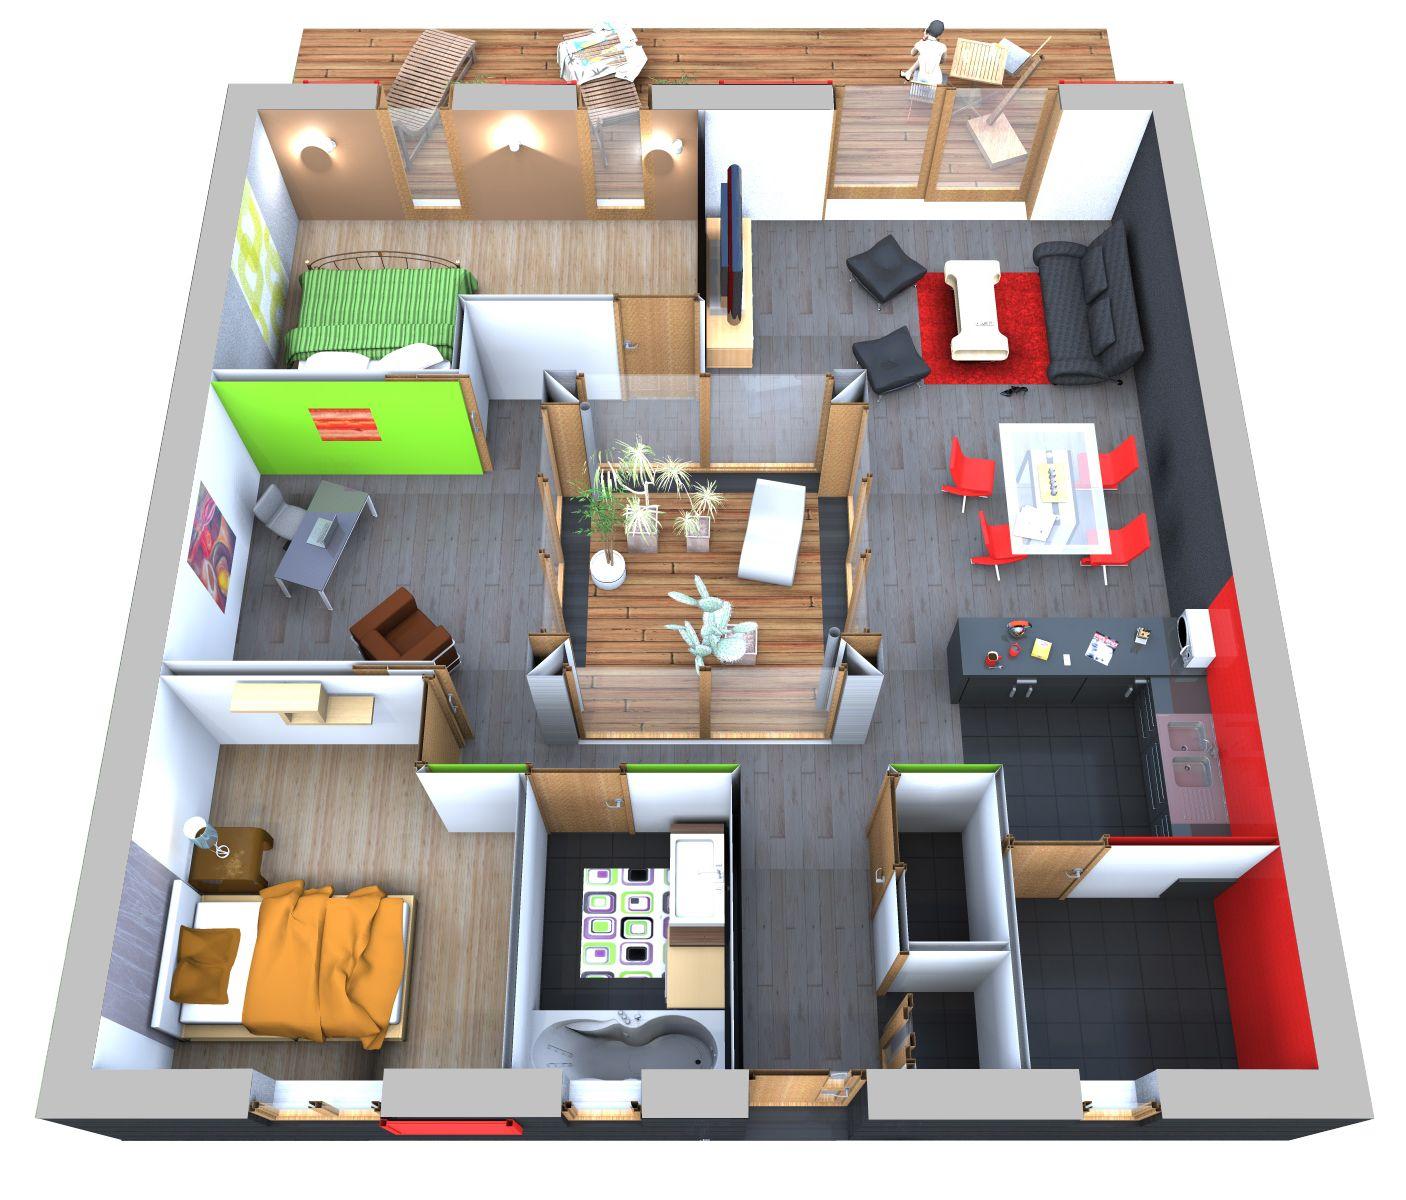 100 Fantastique Concepts Plan D Appartement De 90M2